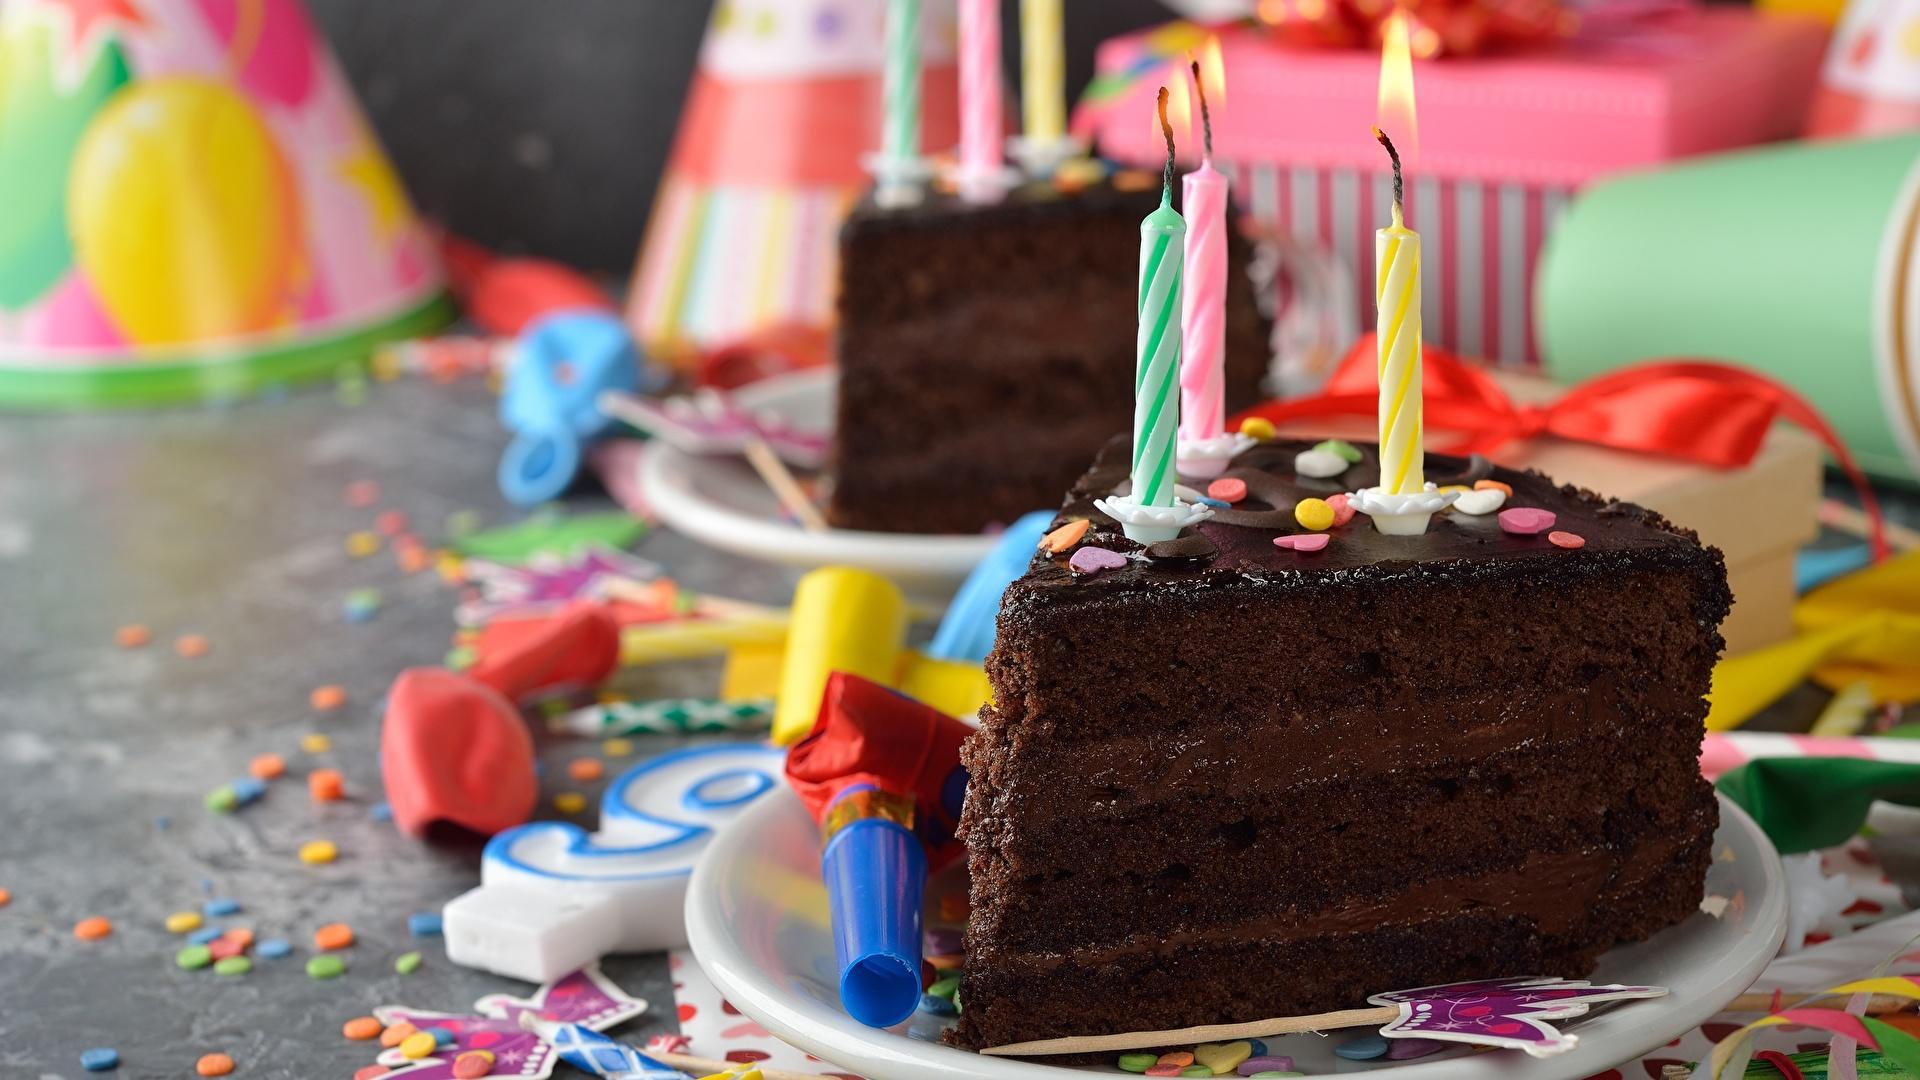 День рождения. Скромное торжество или грандиозная вечеринка?